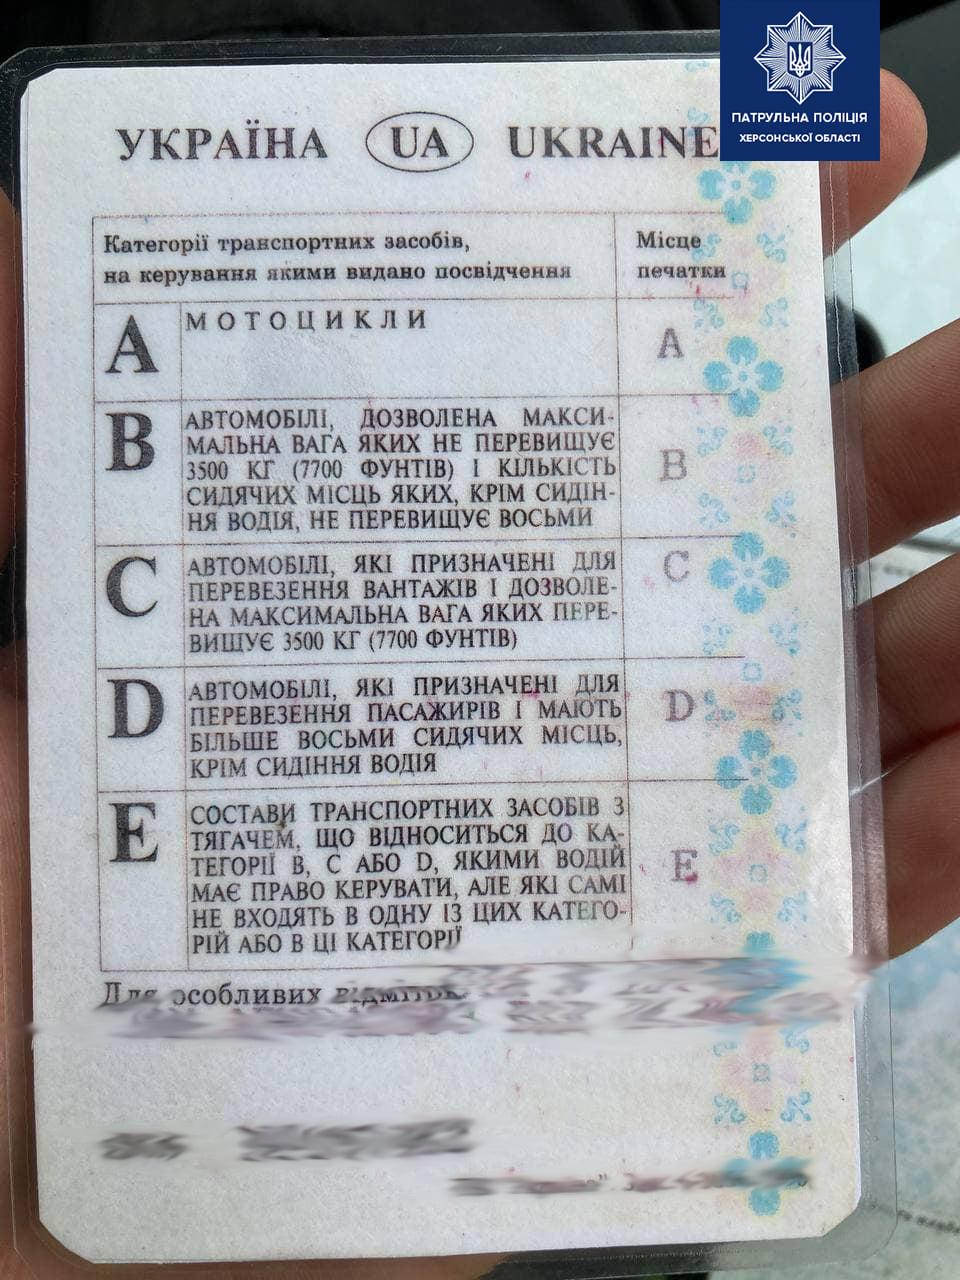 В Херсоне у водителя фуры, сбившего припаркованный BMW, обнаружили поддельные права и паспорт